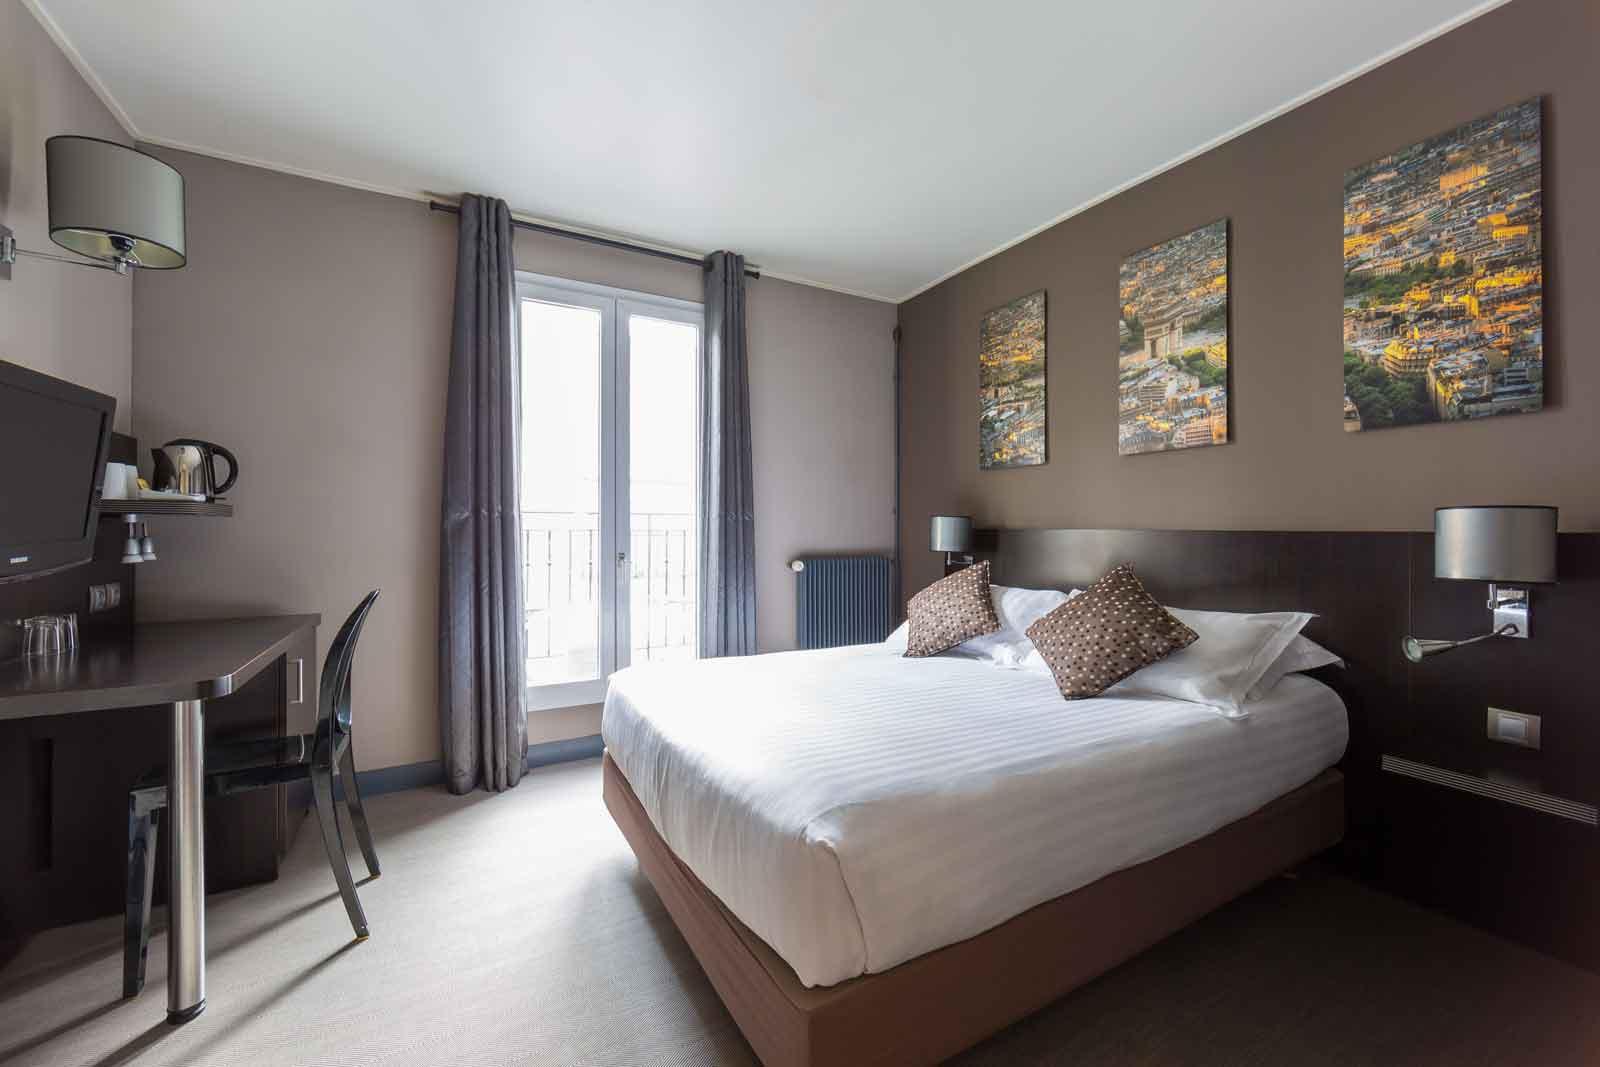 Chambre double hotel jardin de villiers paris 17 - Hotel paris chambre 5 personnes ...